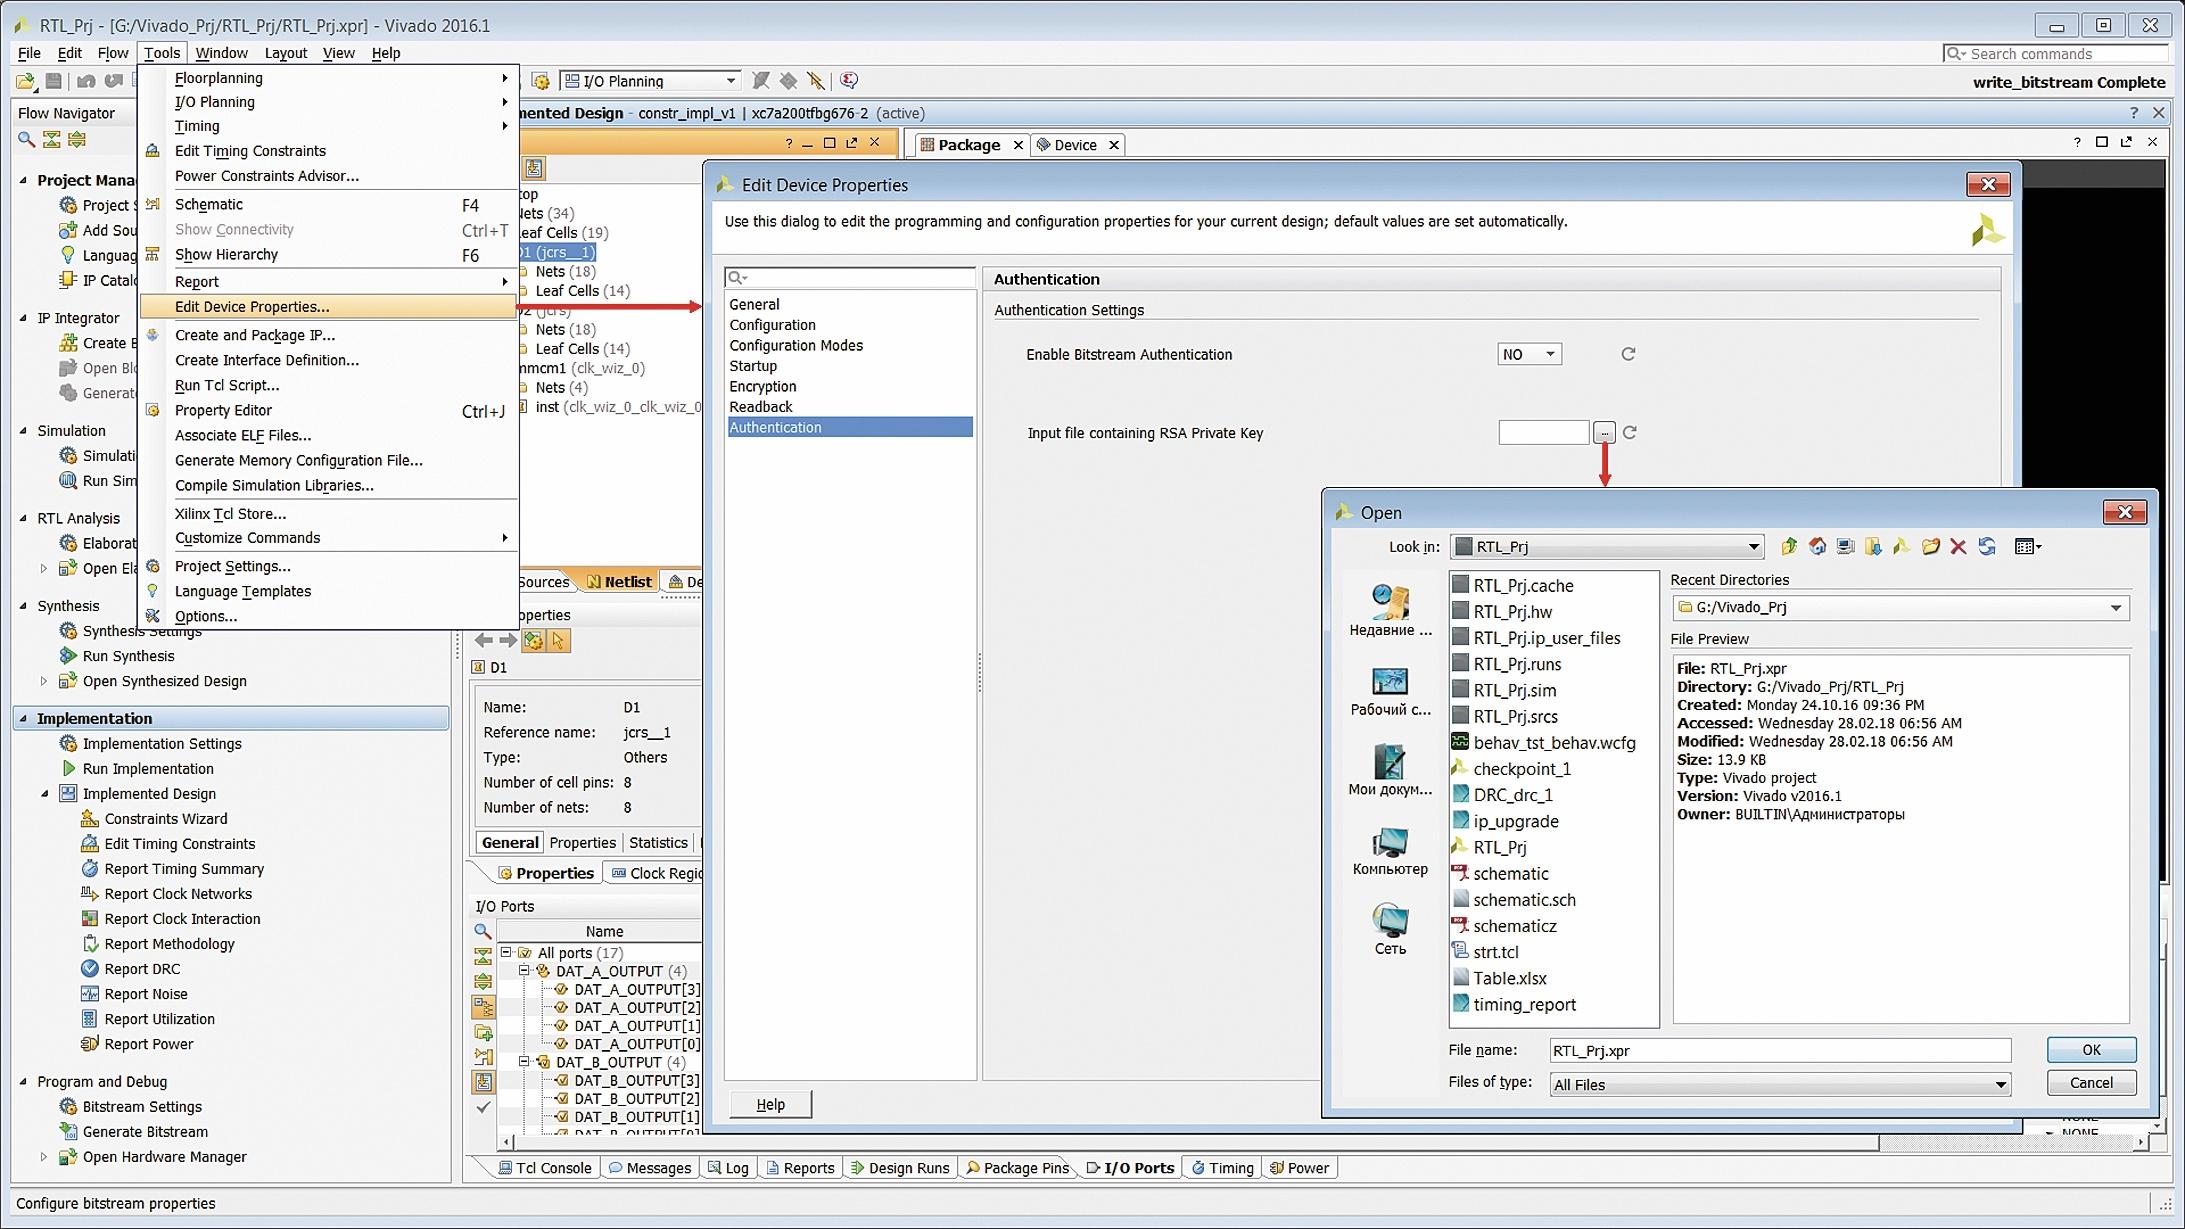 Установка параметров аутентификации конфигурационной последовательности для кристаллов серий UltraScale и UltraScale+